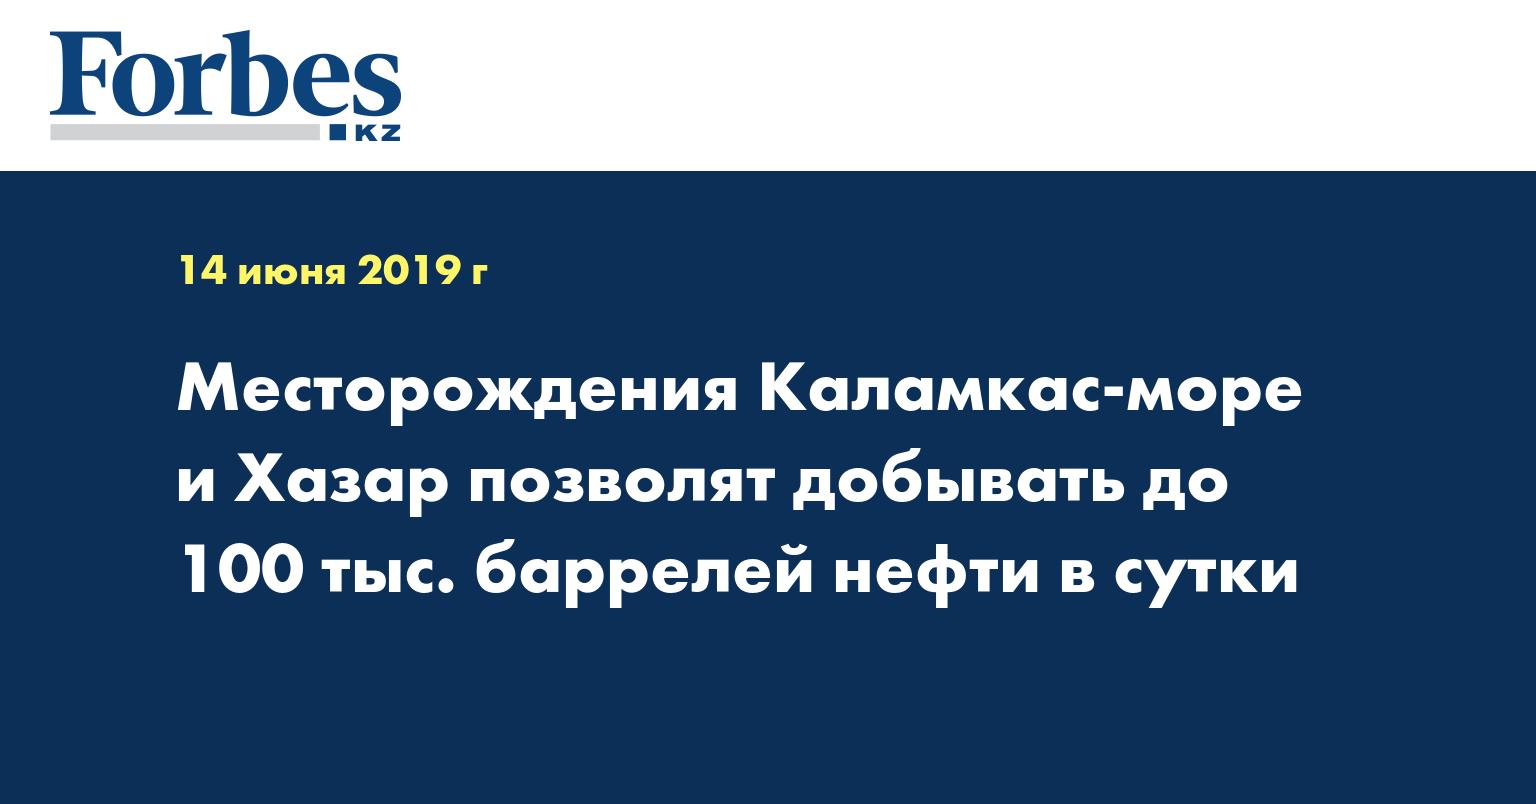 Месторождения Каламкас-море и Хазар позволят добывать до 100 тыс. баррелей нефти в сутки